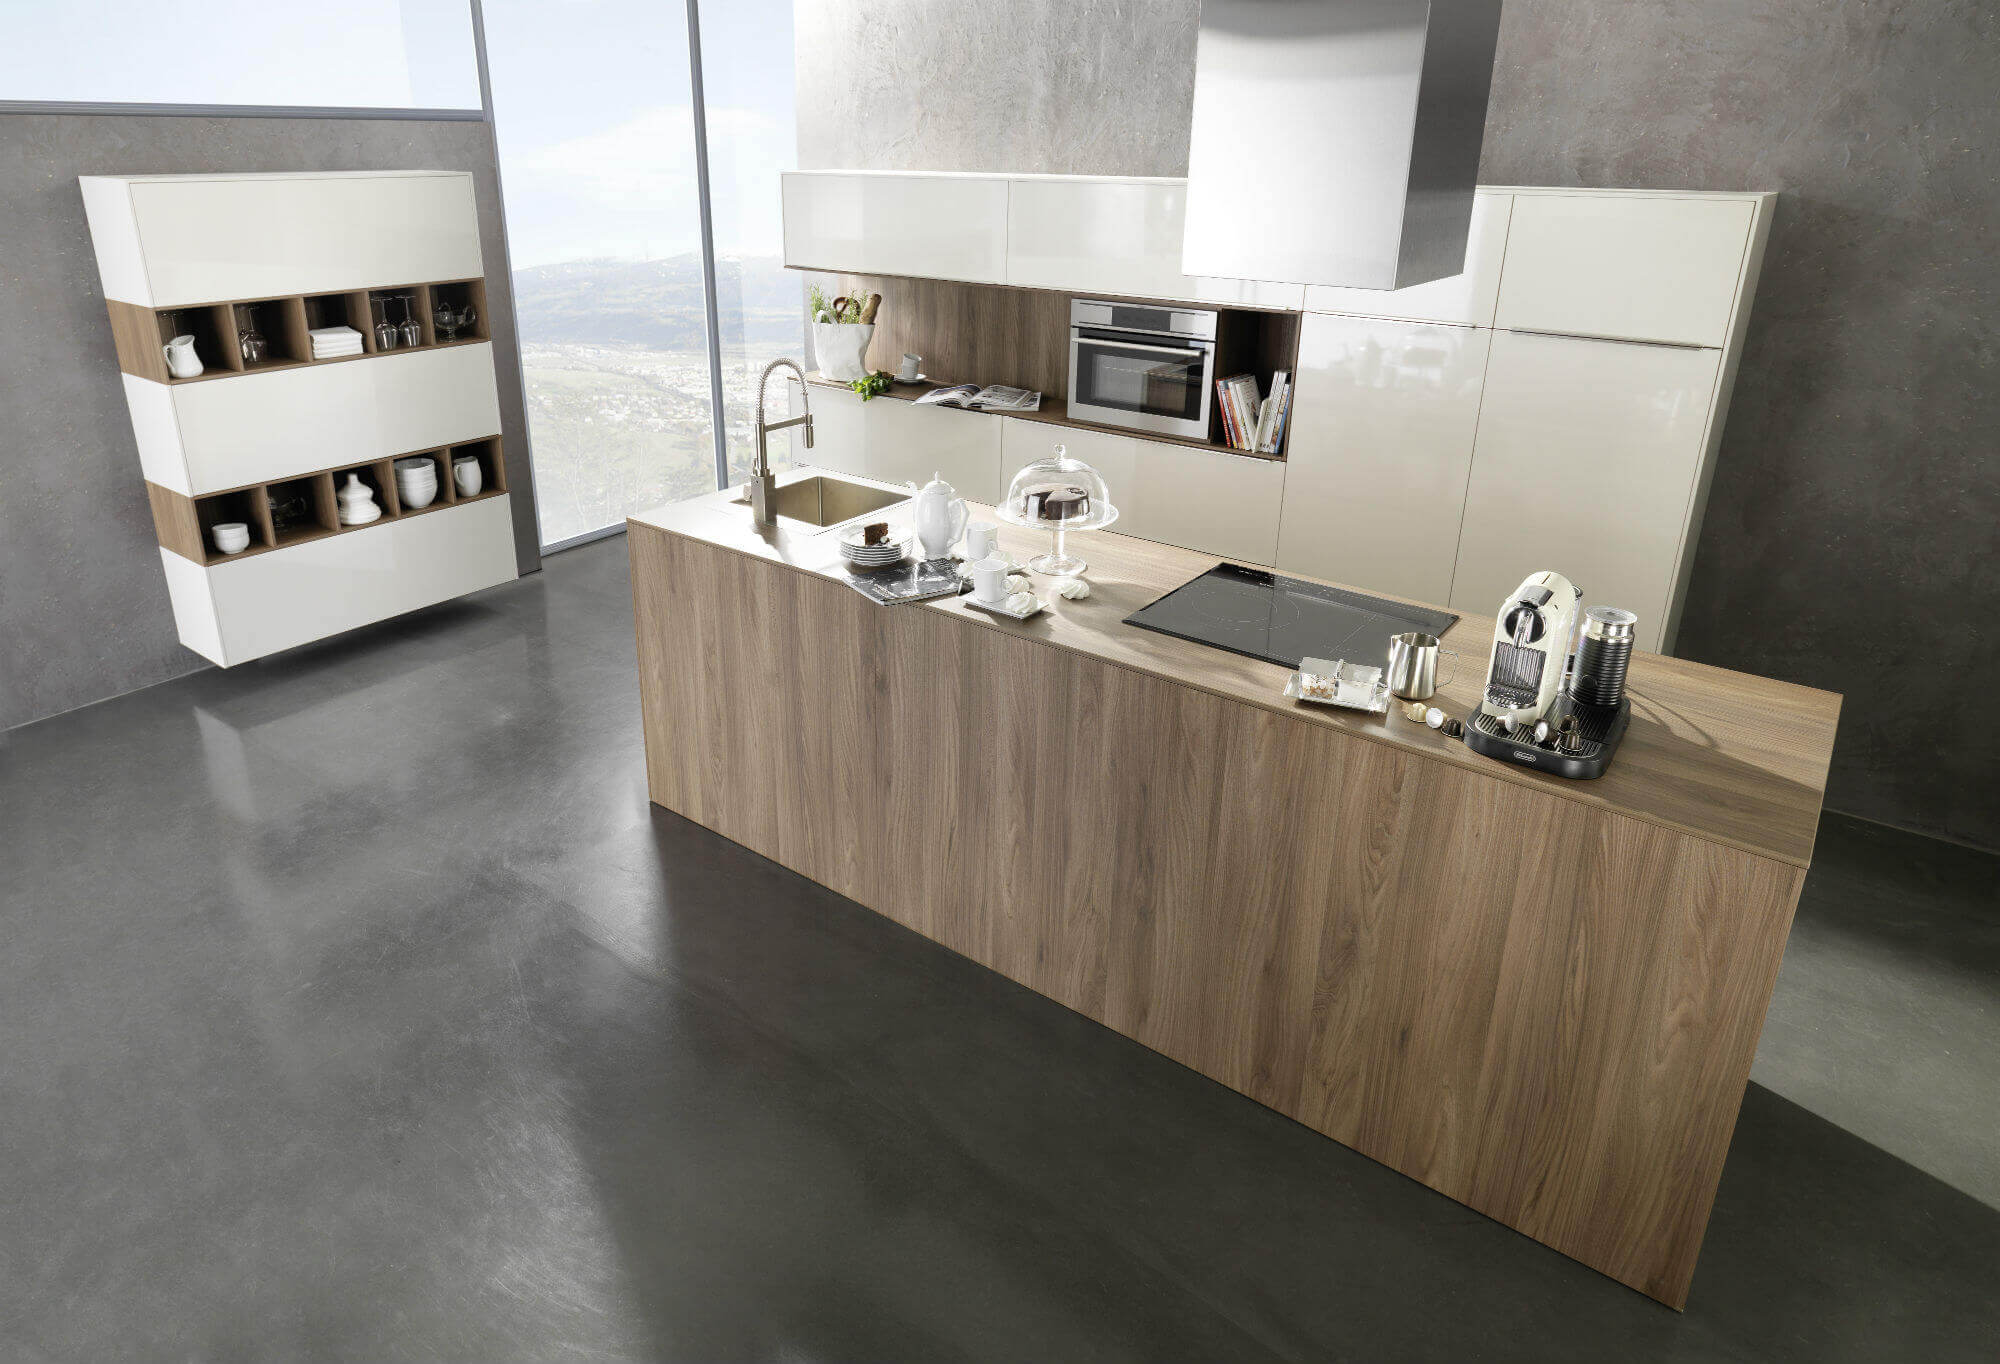 Küchenboden Vor Und Nachteile Von Fliesen Laminat Oder Linoleum Was Ist Besser Küchenfinder Magazin